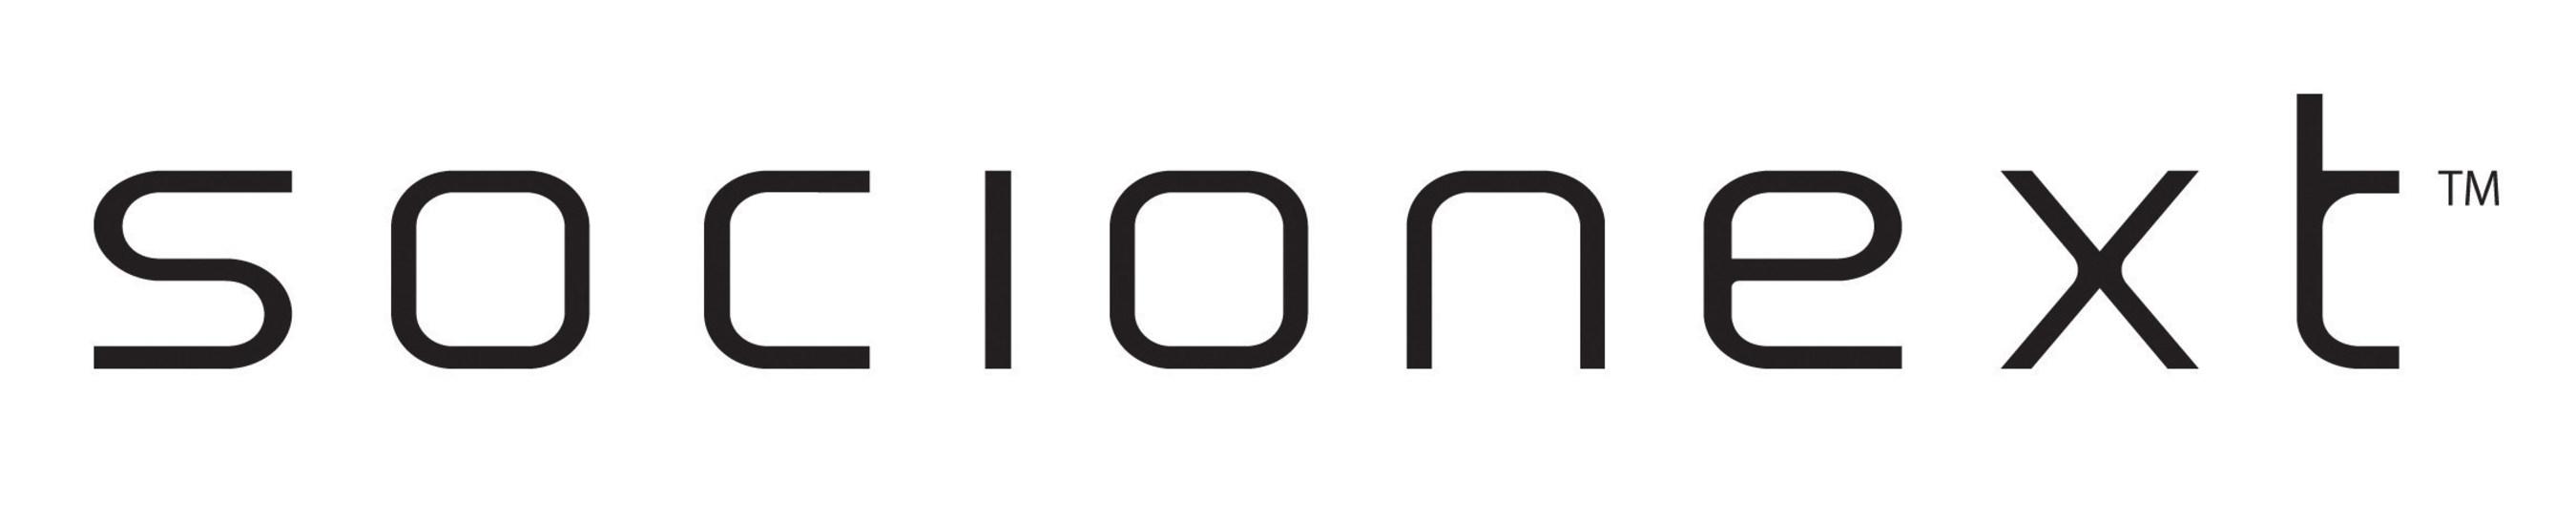 Socionext Inc. logo